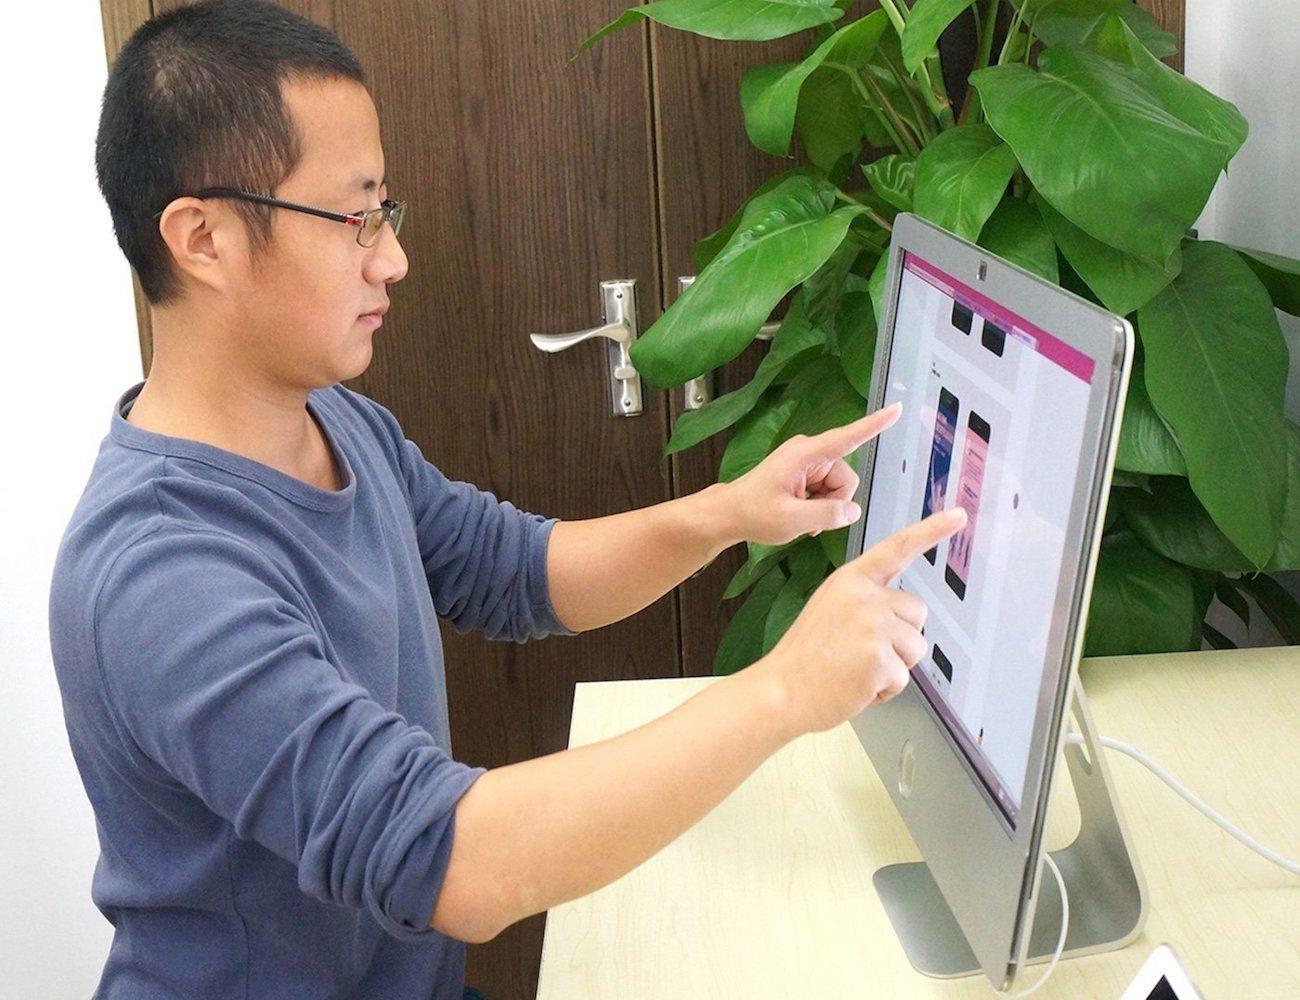 Touchscreen for iMac by Zorro Macsk